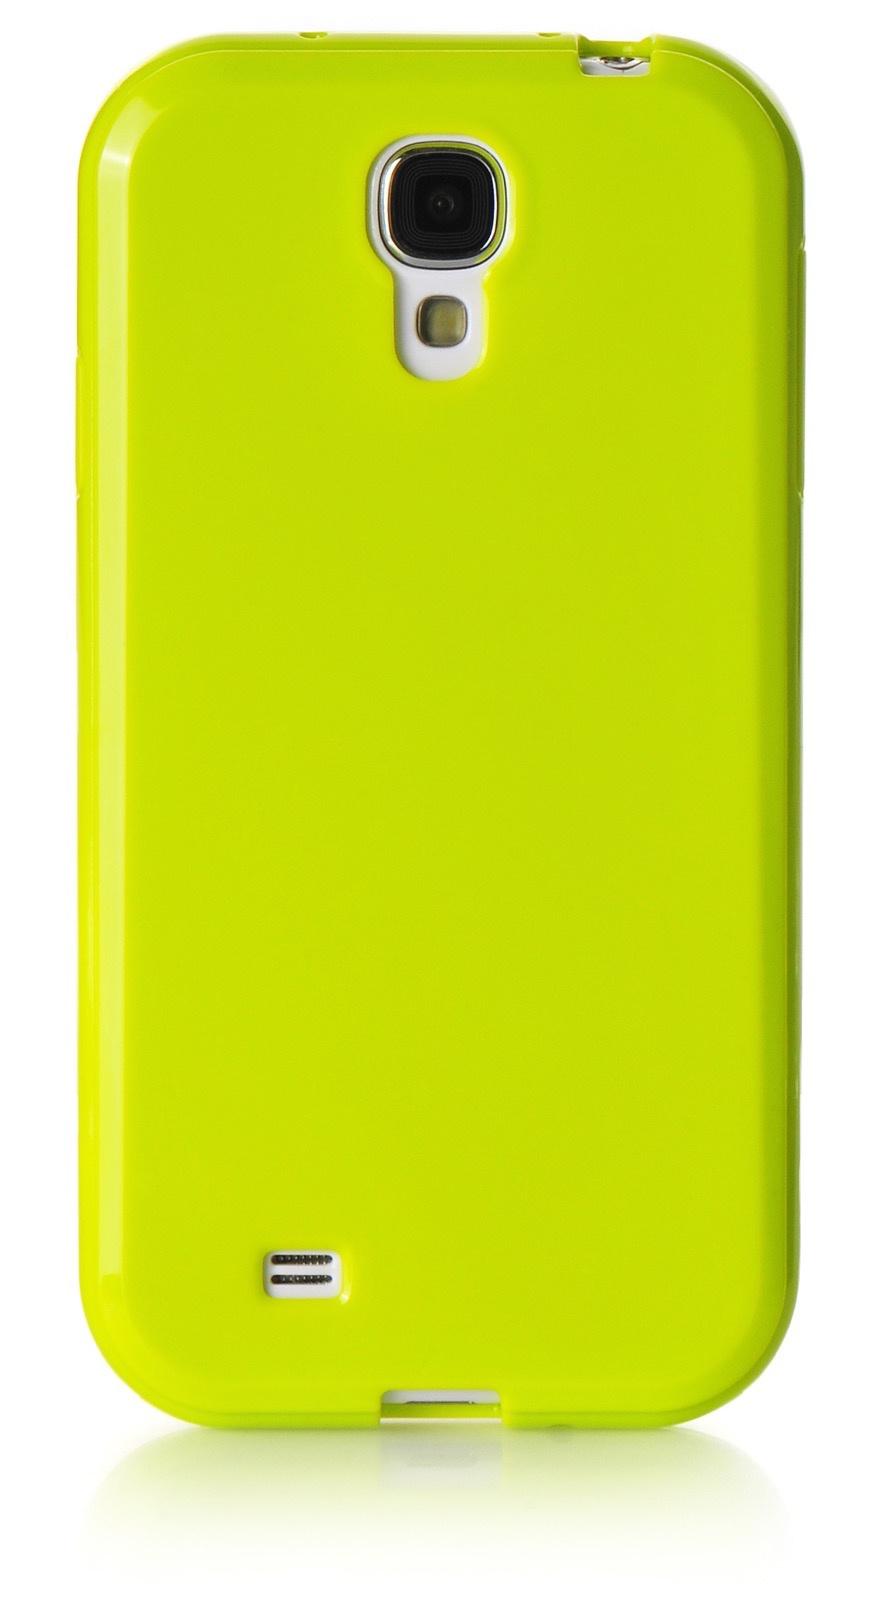 Чехол для сотового телефона iNeez накладка силикон мыльница 450175 для Samsung Galaxy S4, салатовый